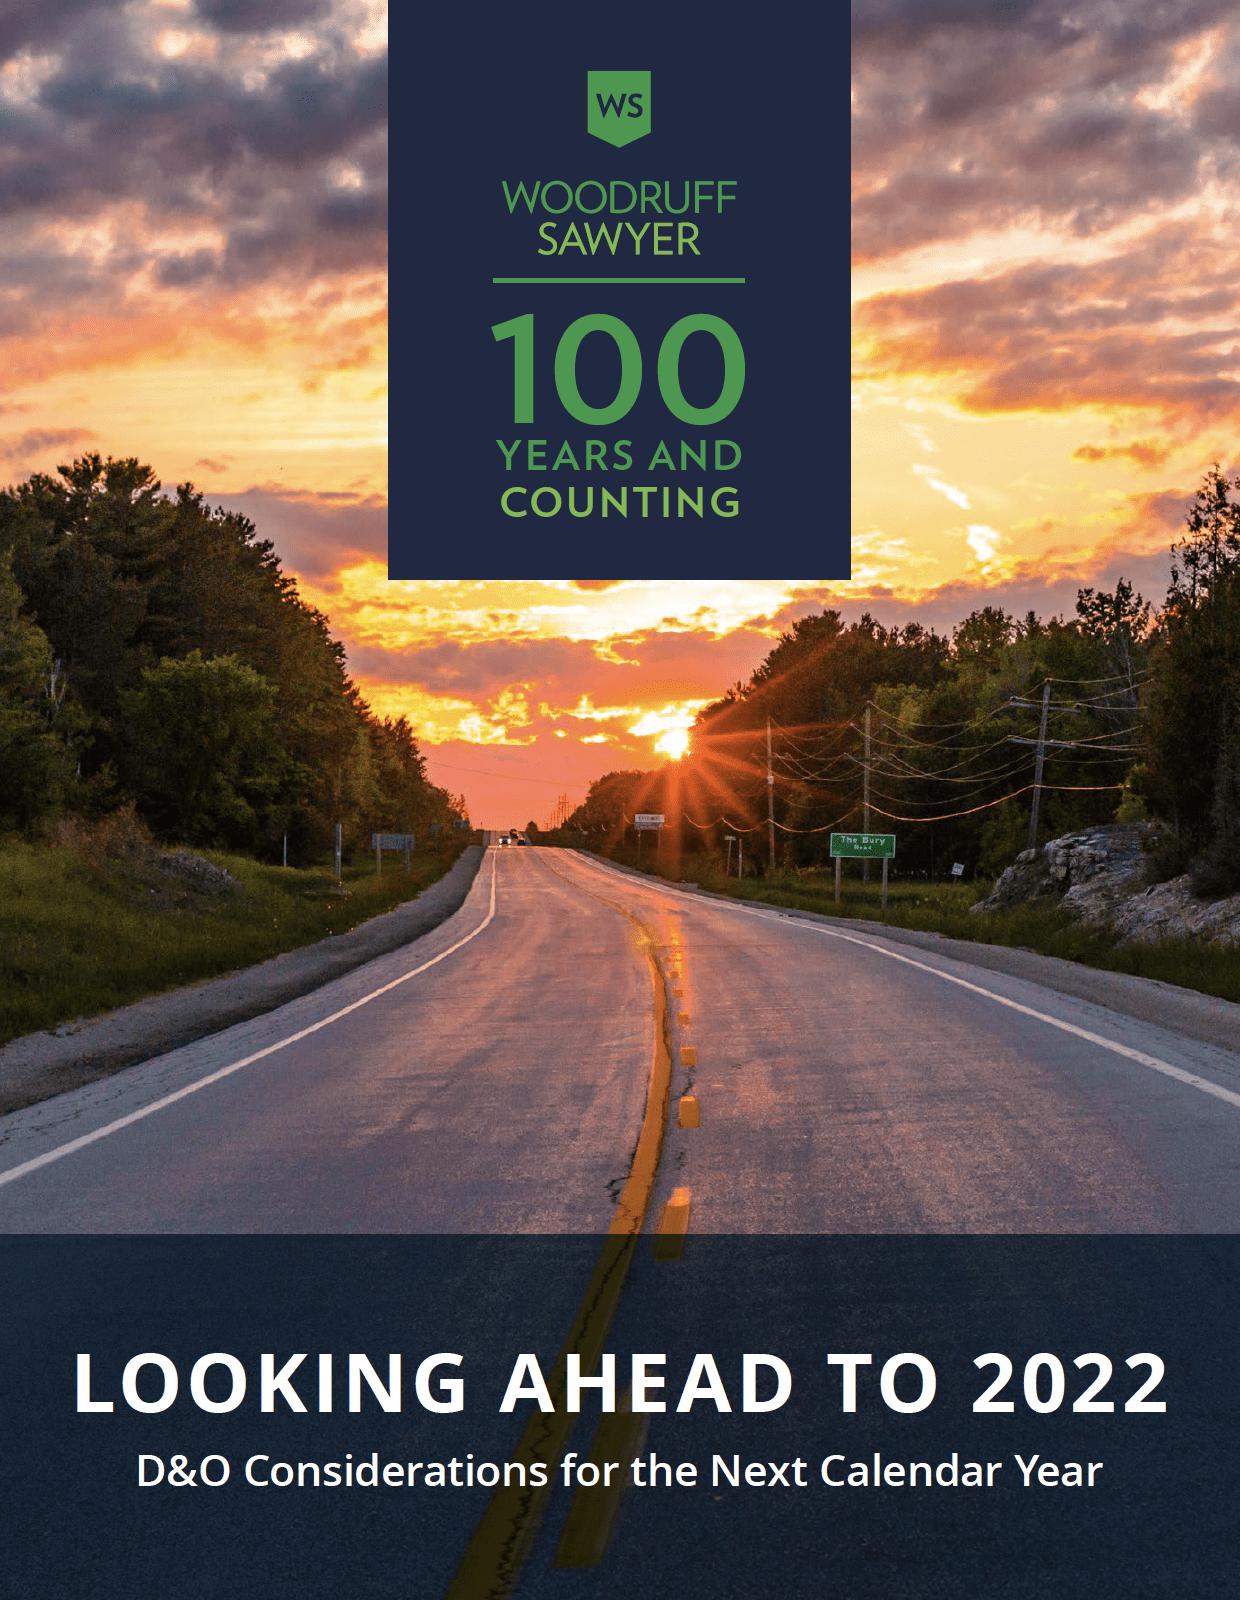 D&O Looking Ahead 2022